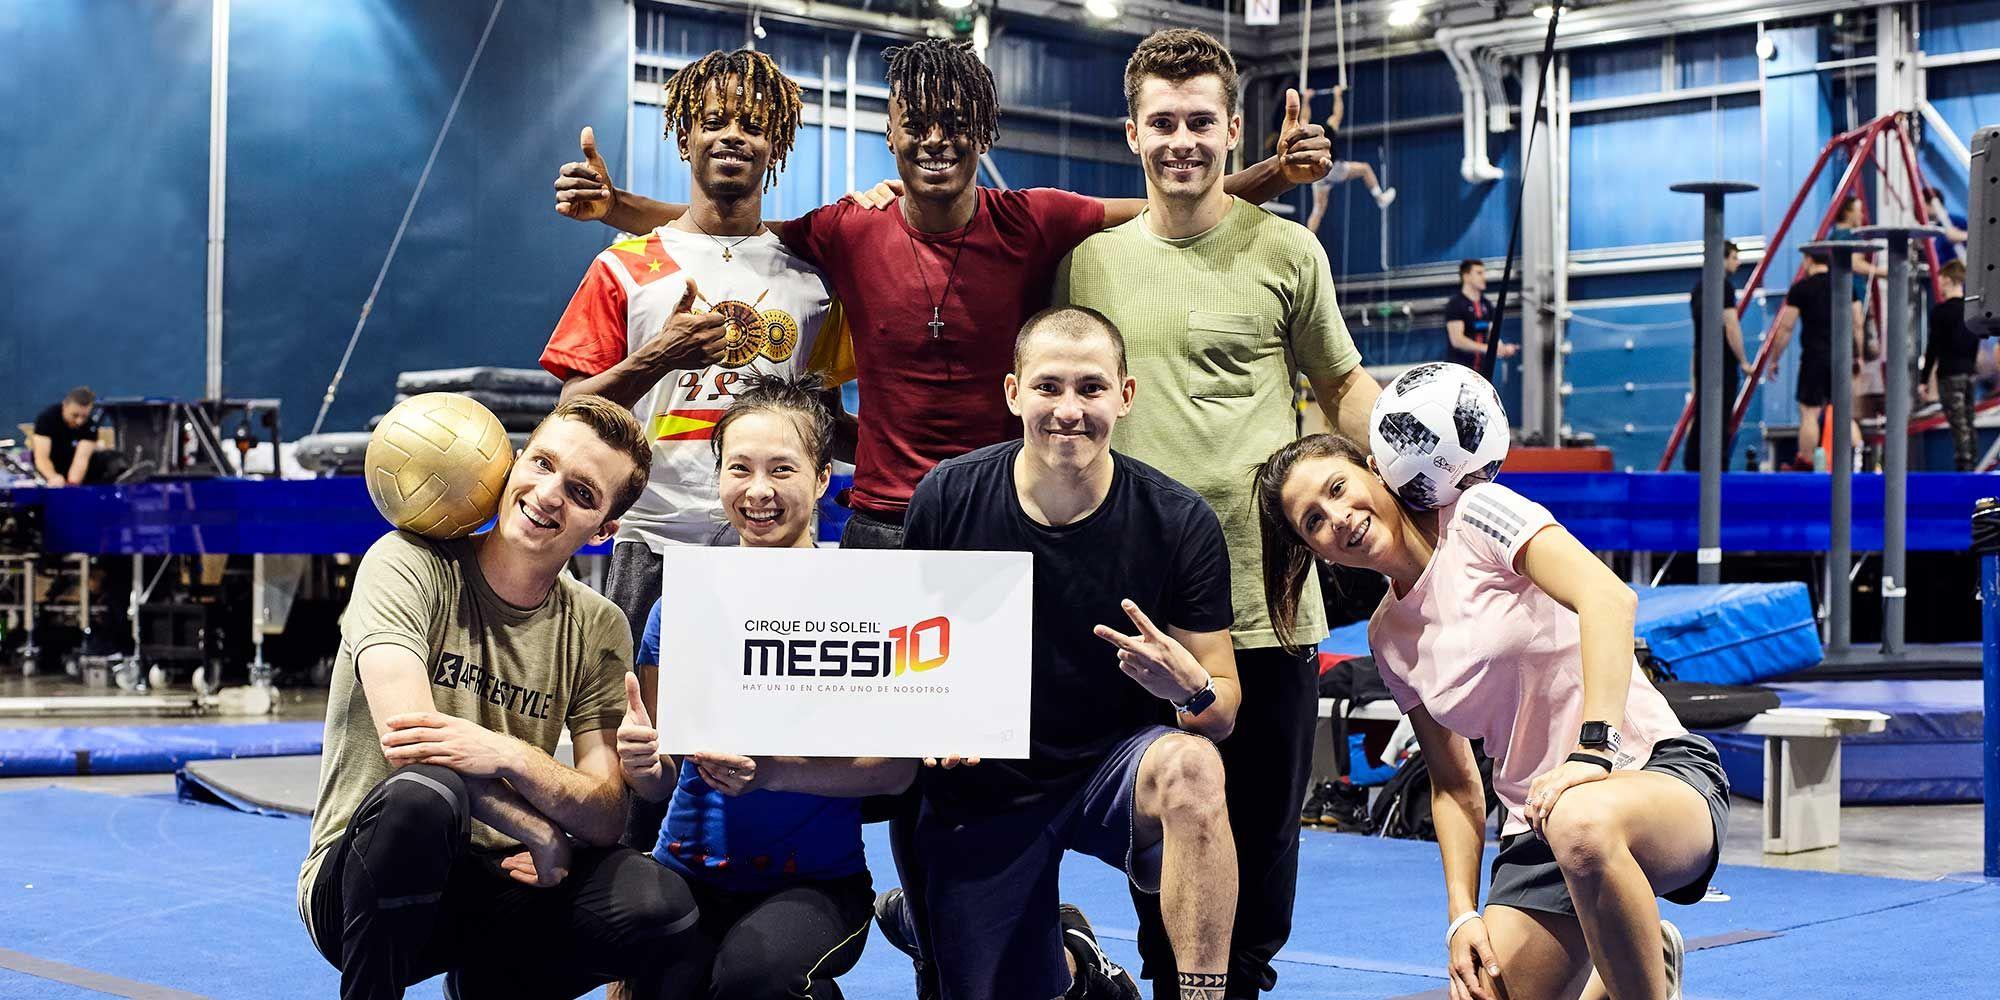 'Messi10 by Cirque du Soleil' se estrenará en Rakuten TV